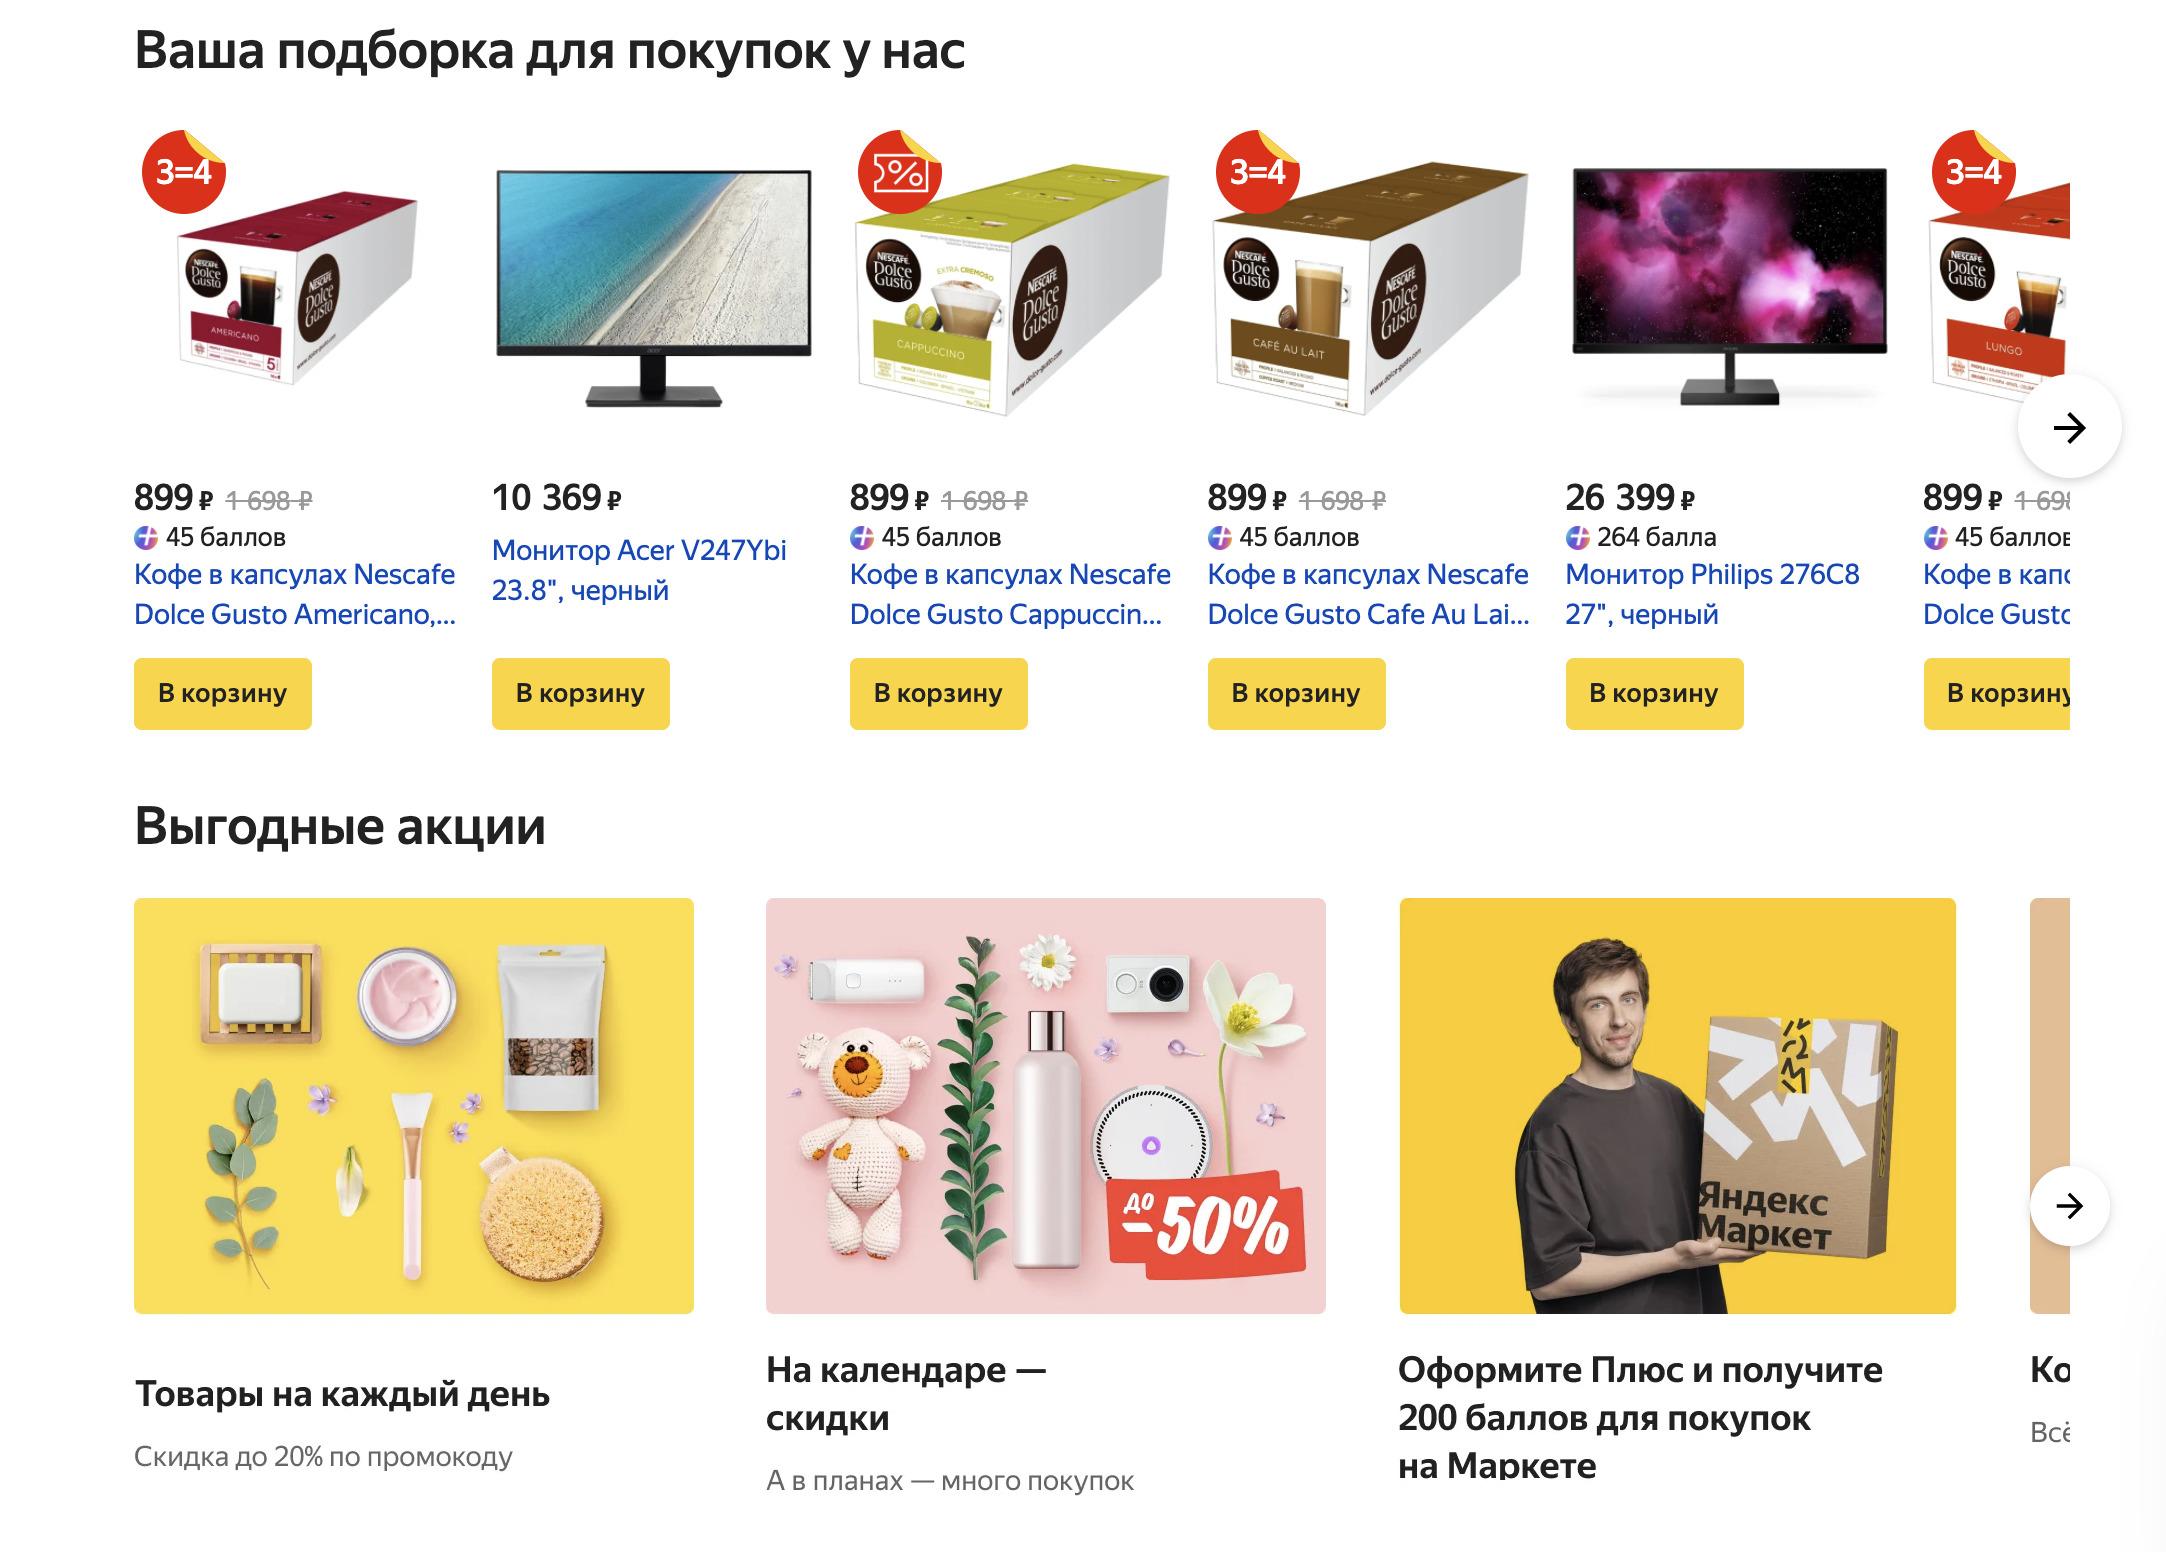 Доставка из Яндекс.Маркет в Сургут, сроки, пункты выдачи, каталог